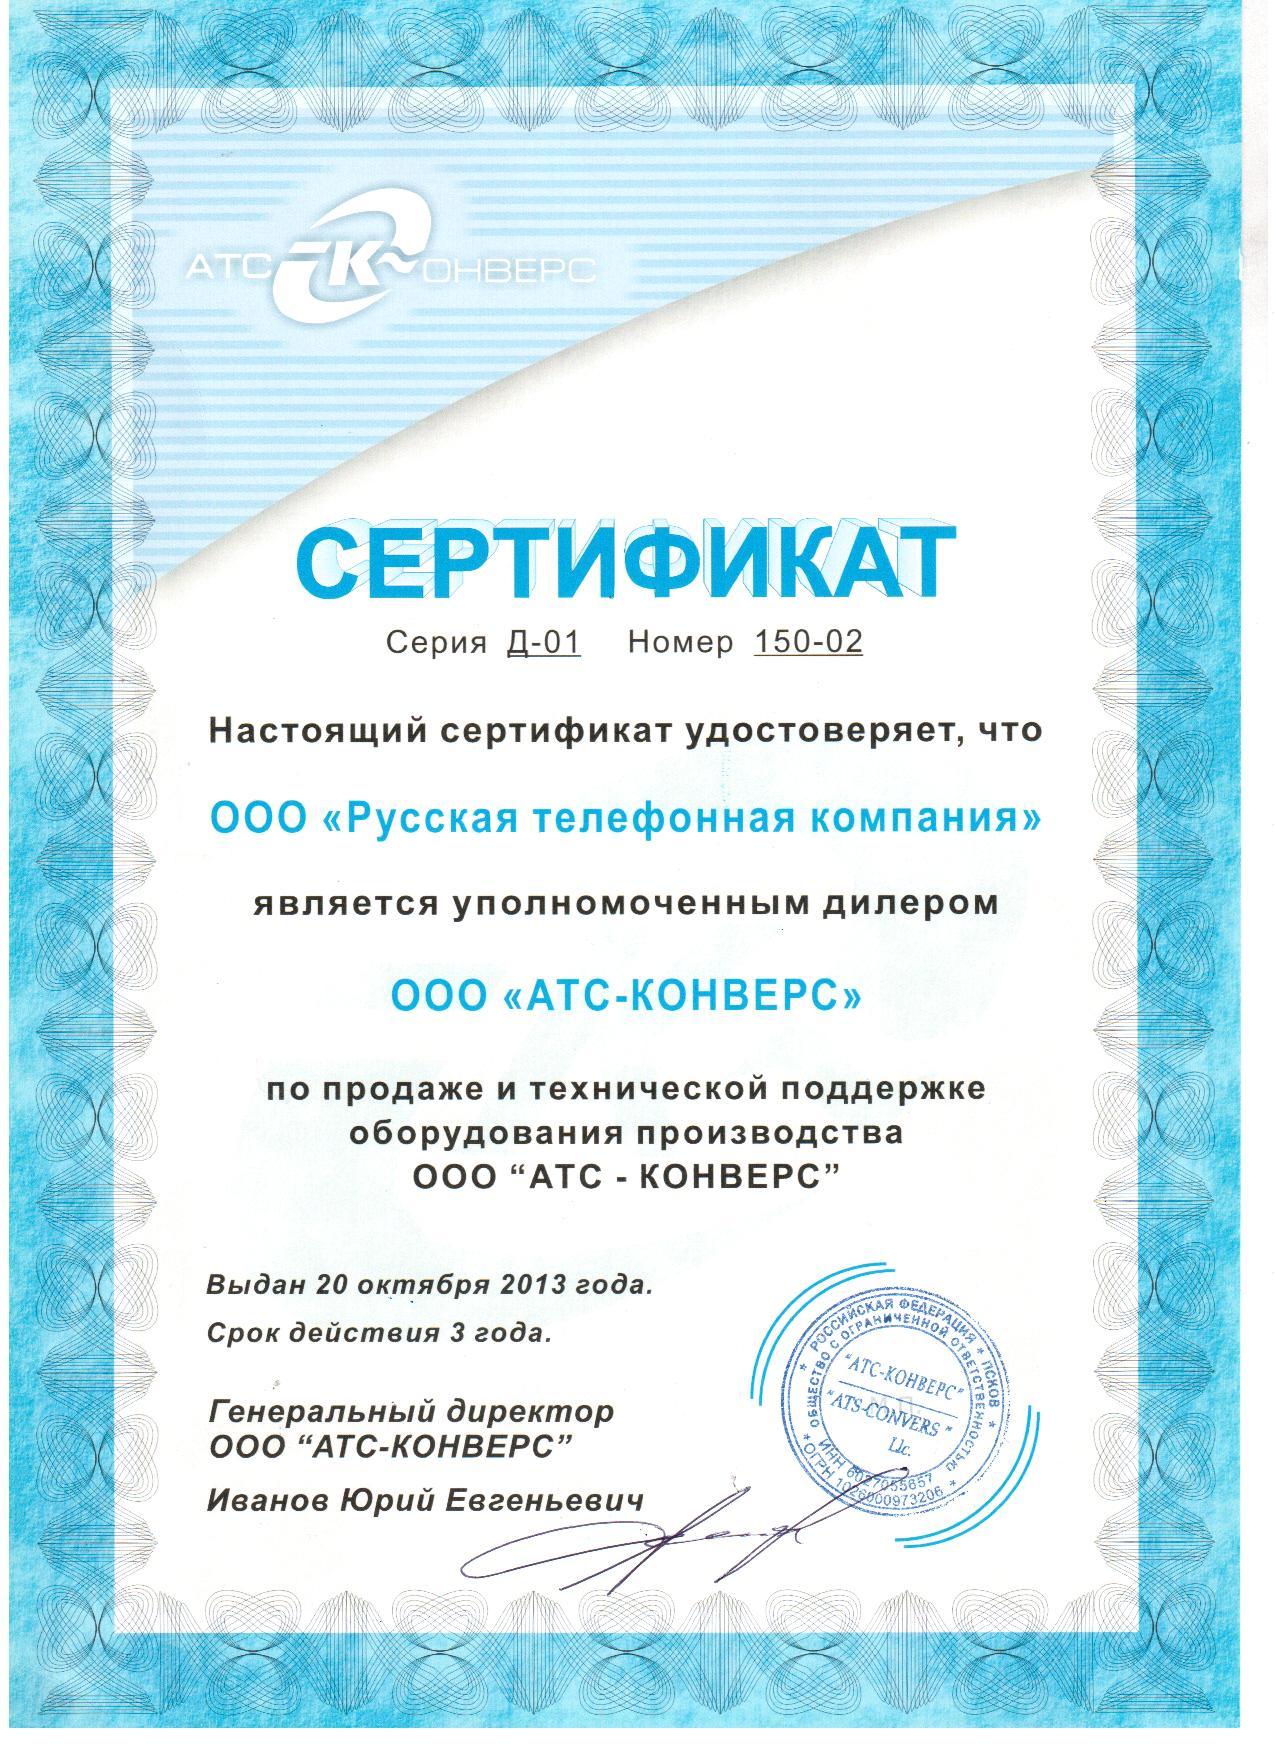 Являясь официальным дилером производителя, ООО Русская Телефонная Ком